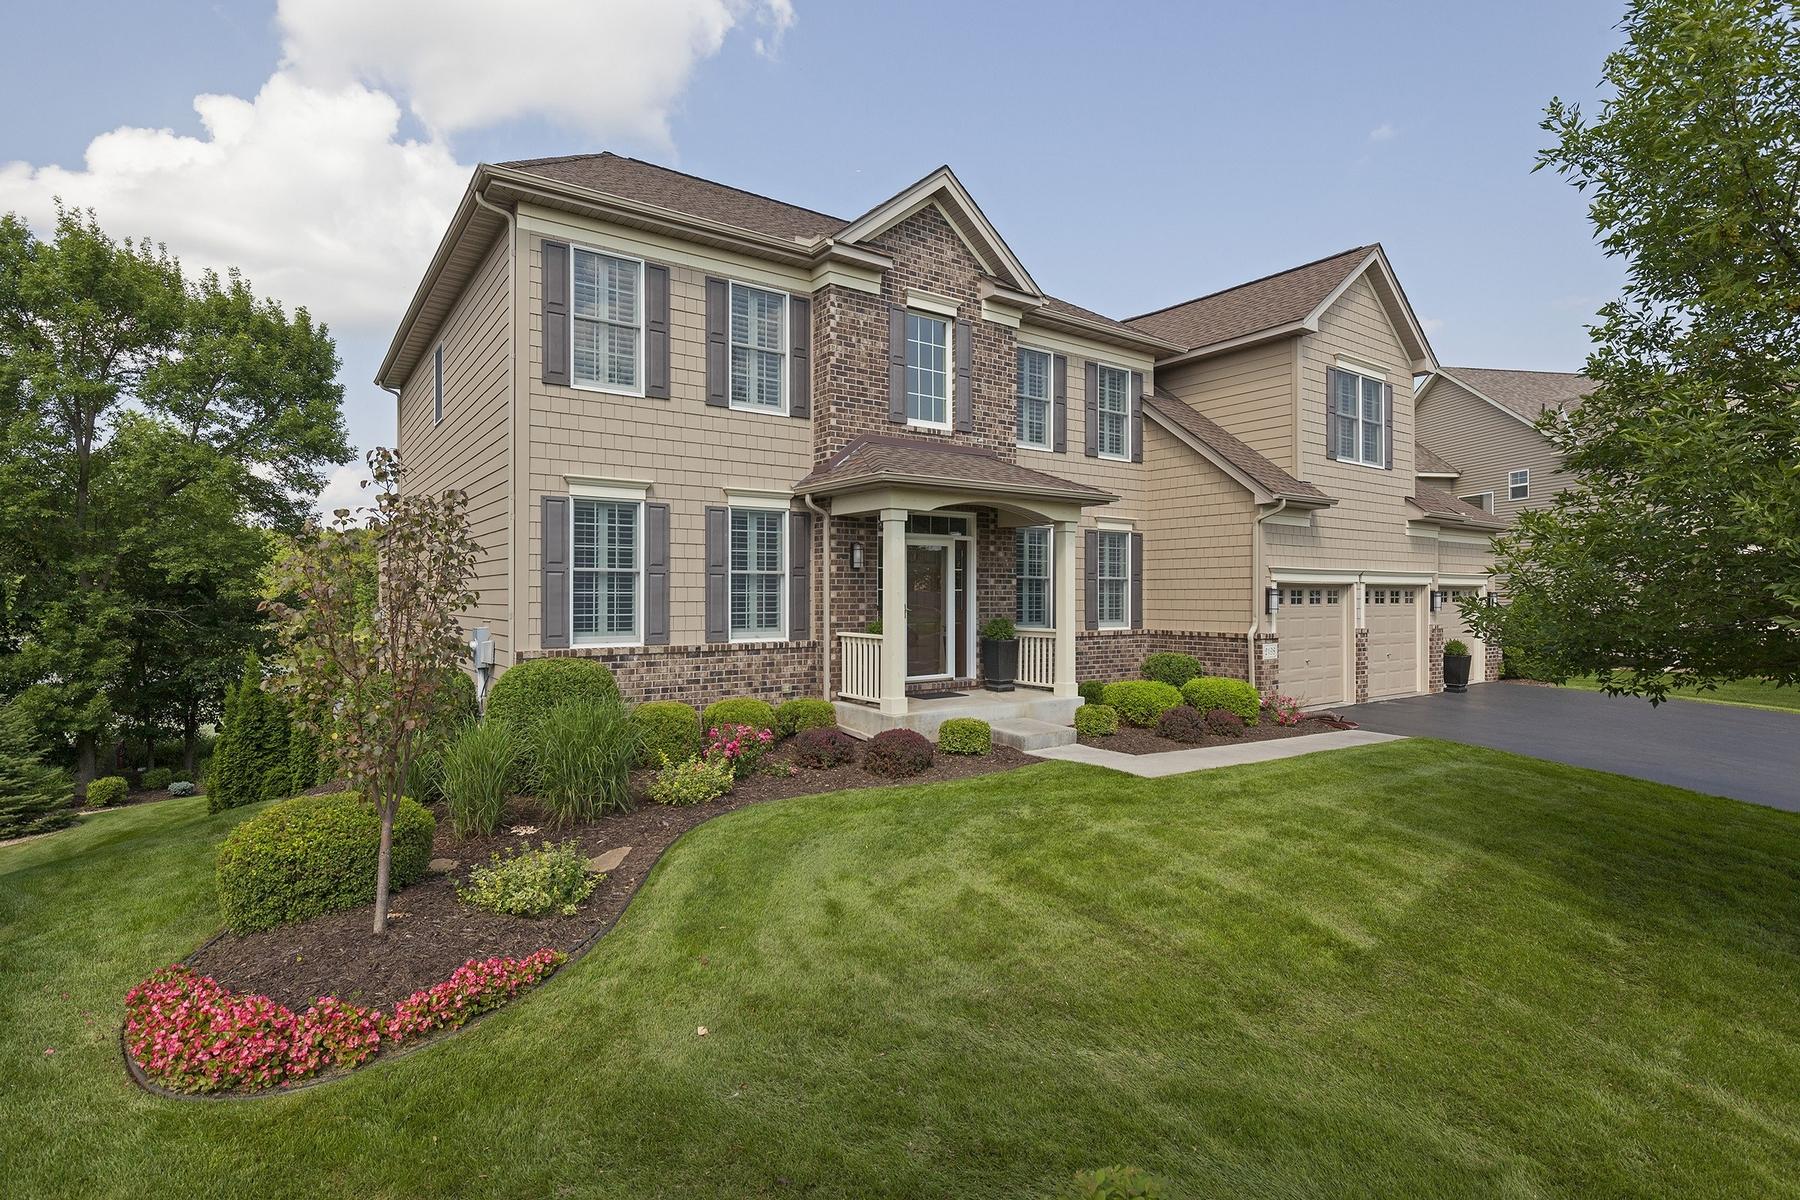 Maison unifamiliale pour l Vente à 2198 Belmont Avenue NW Prior Lake, Minnesota 55379 États-Unis